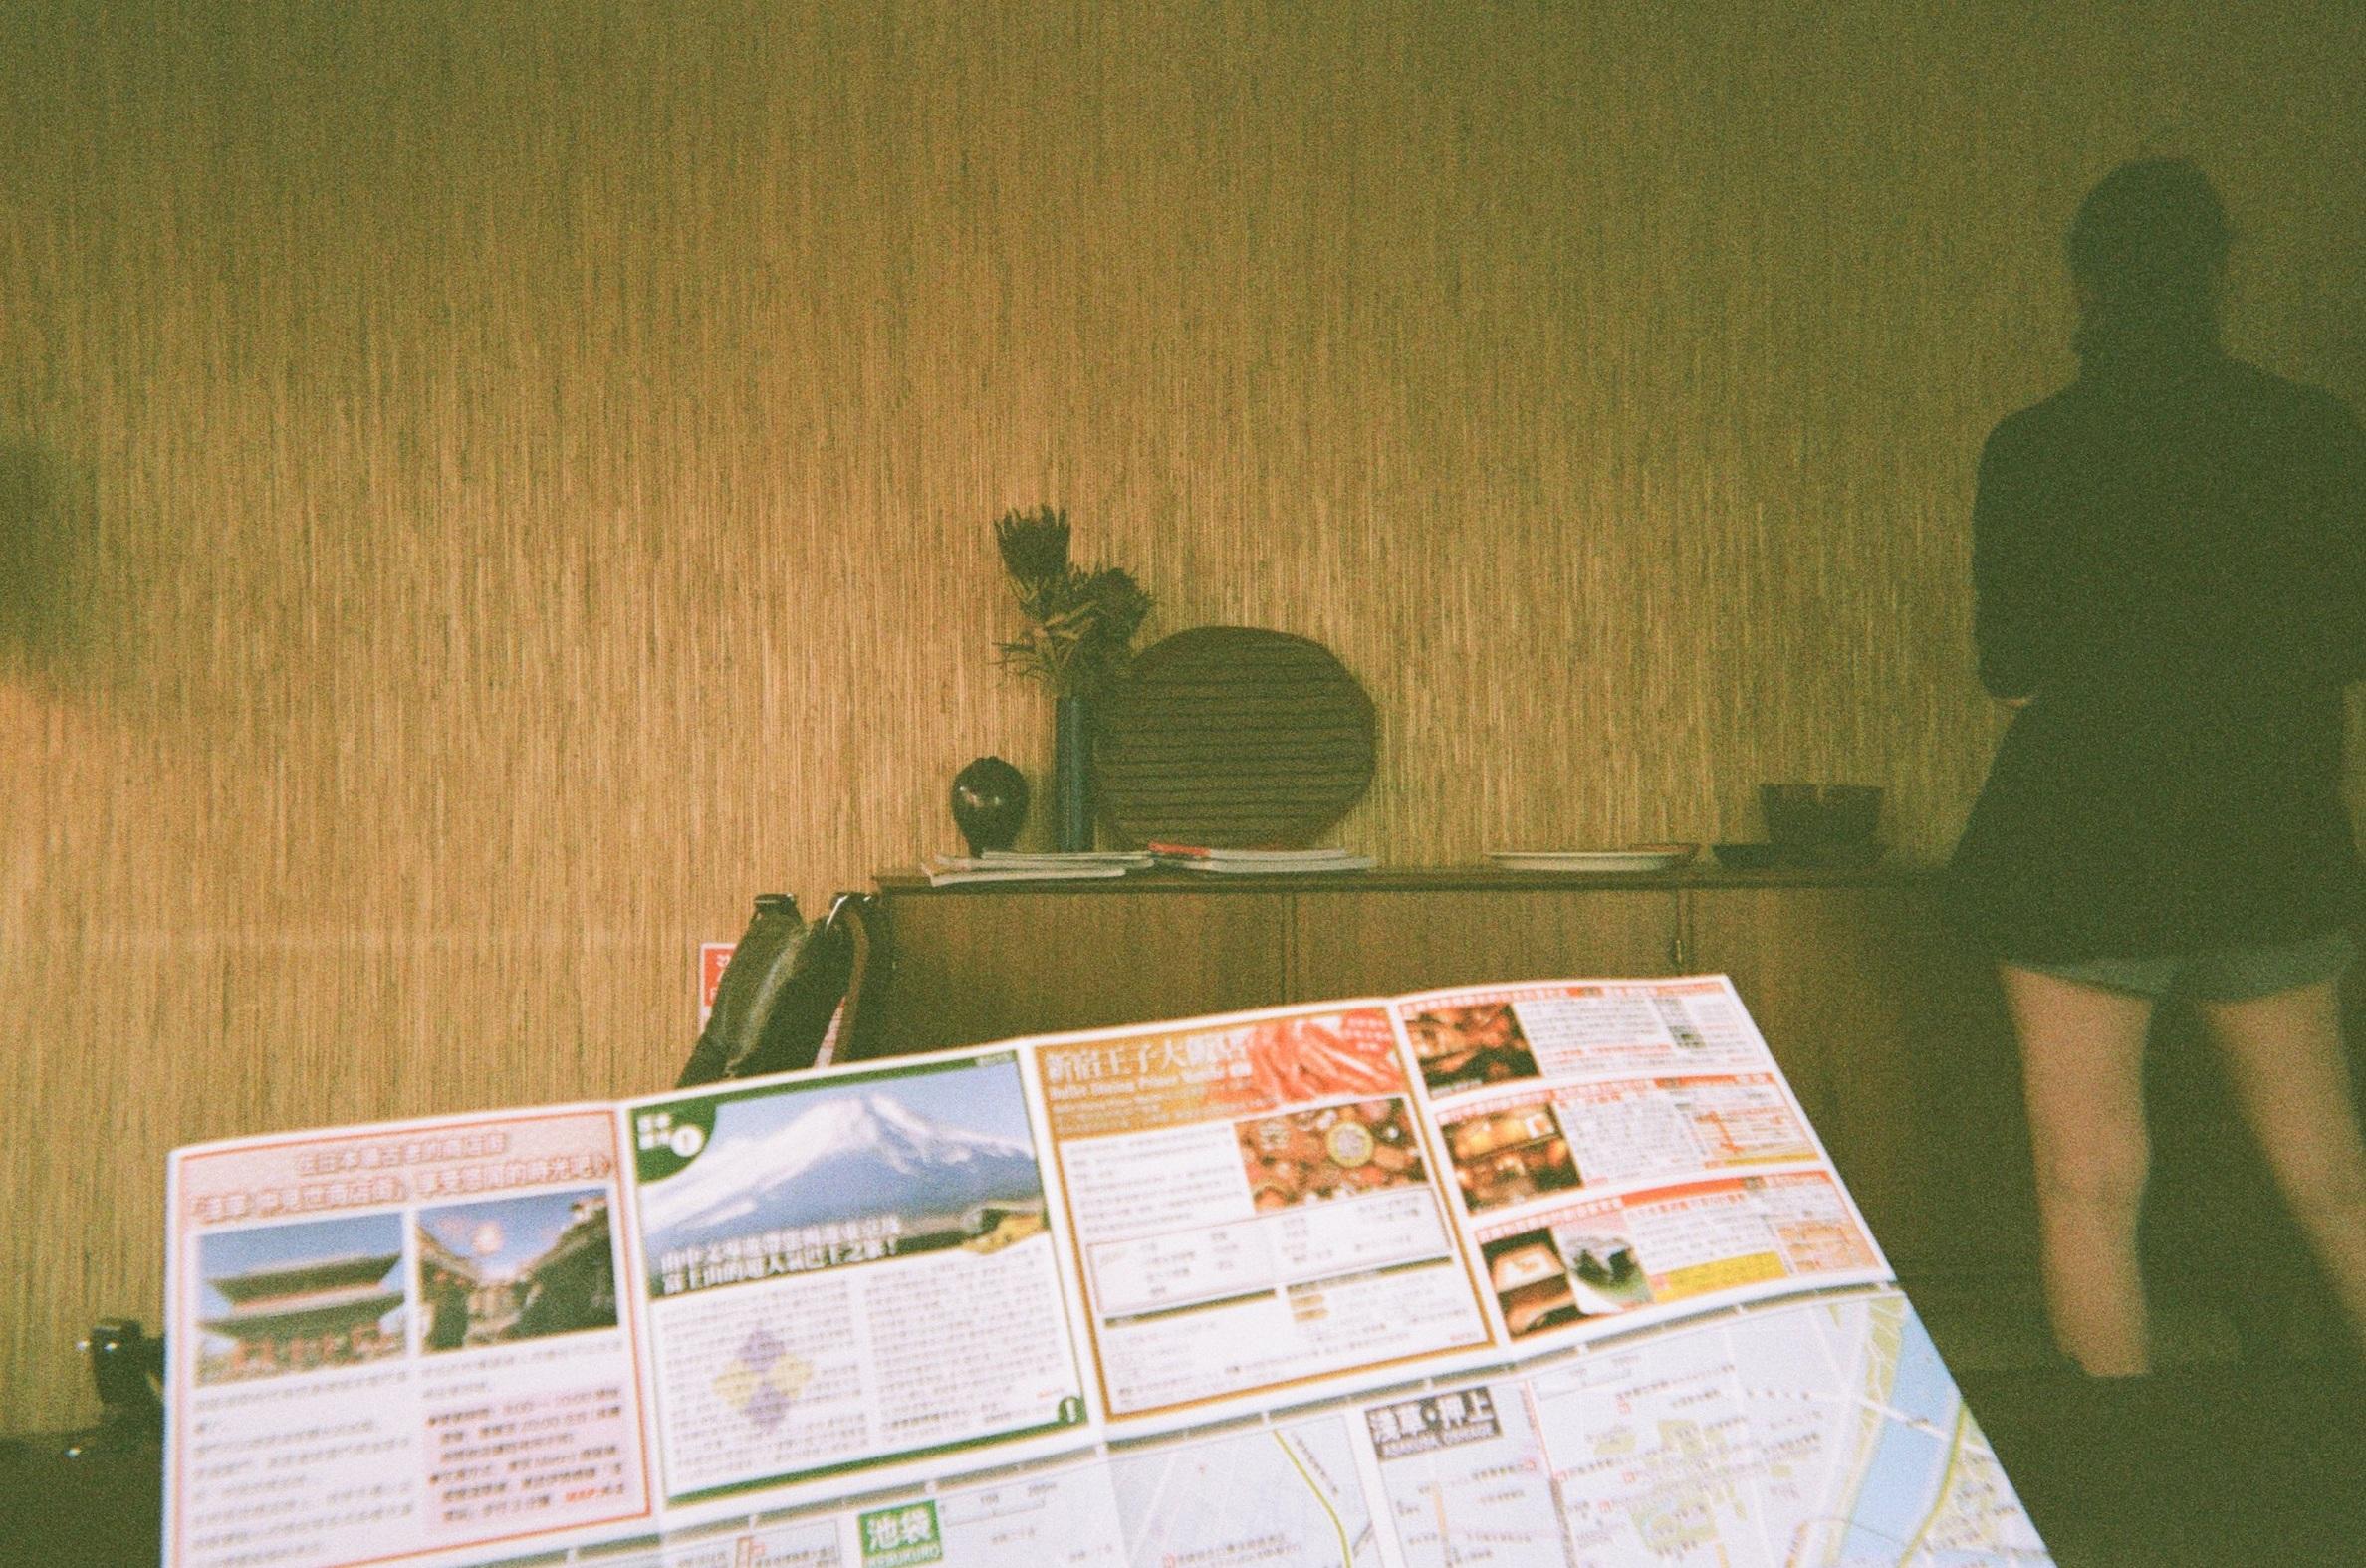 fuglenshibuya.jpg